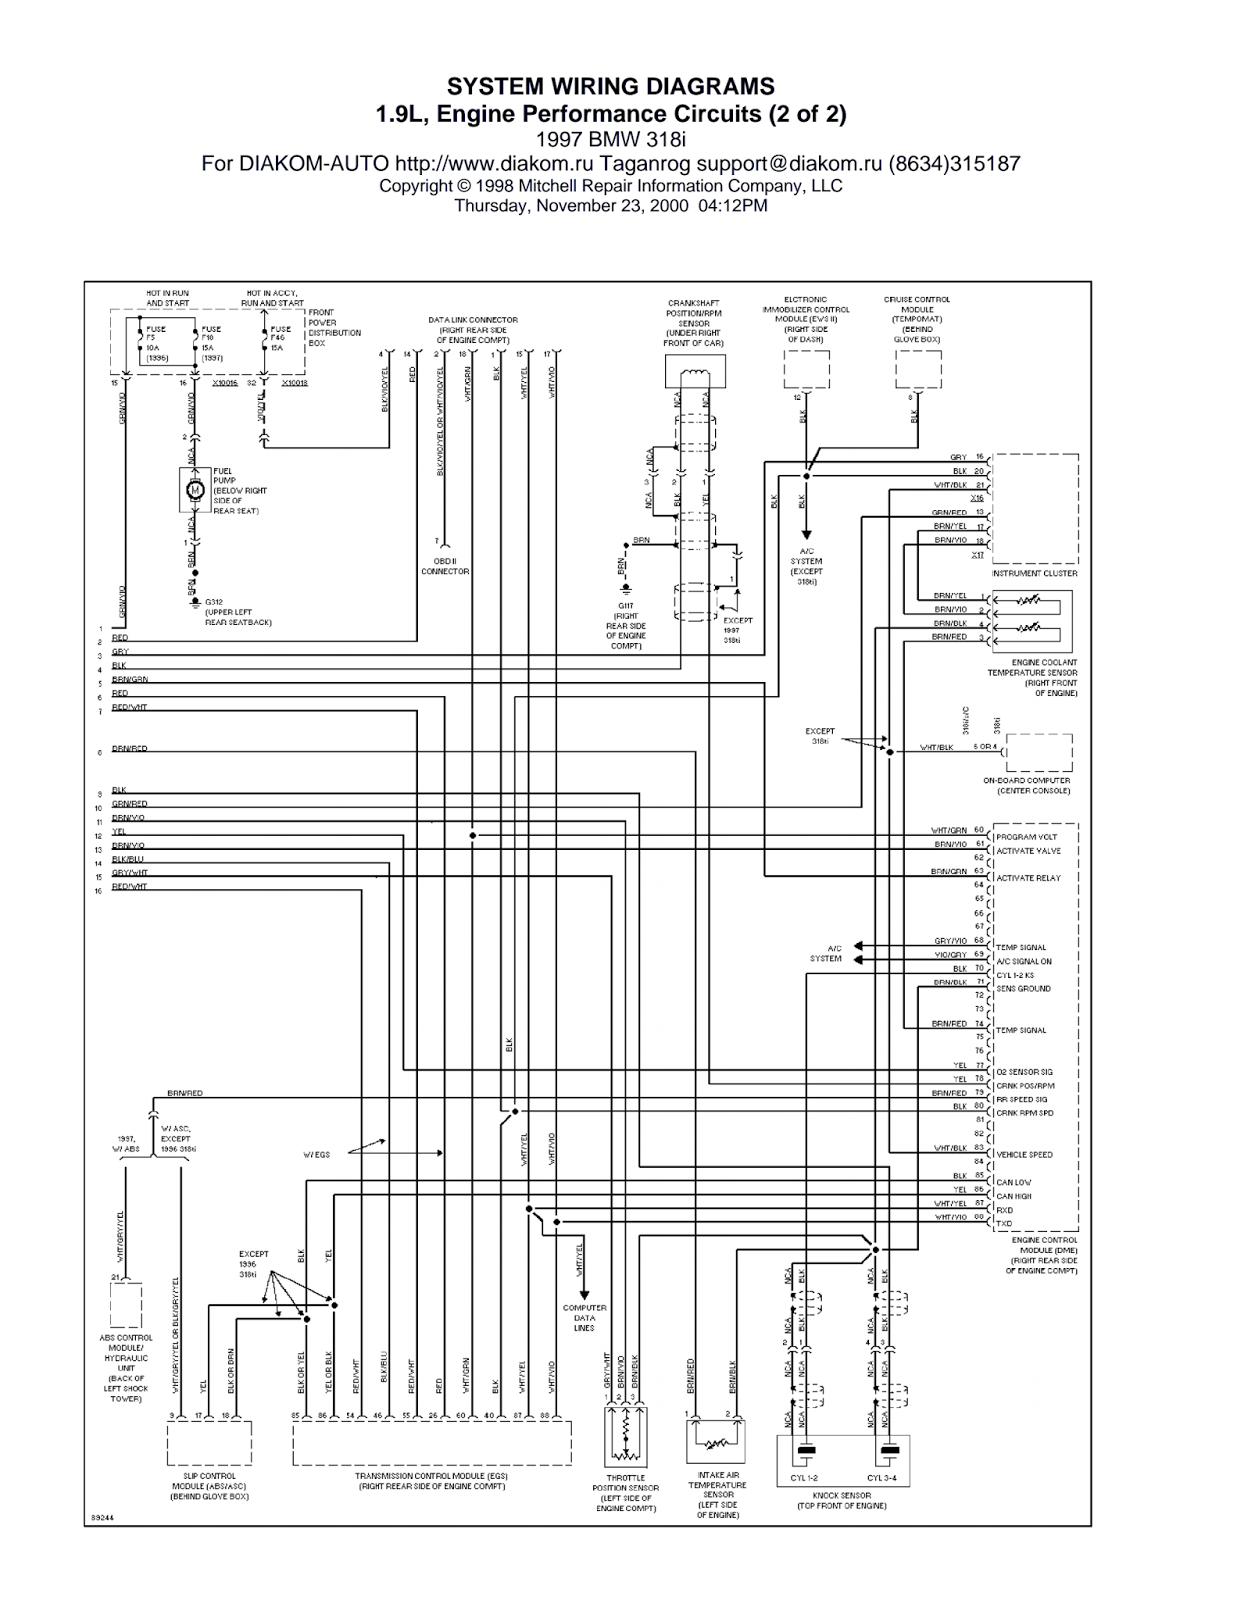 Bmw 318i fuse box diagram